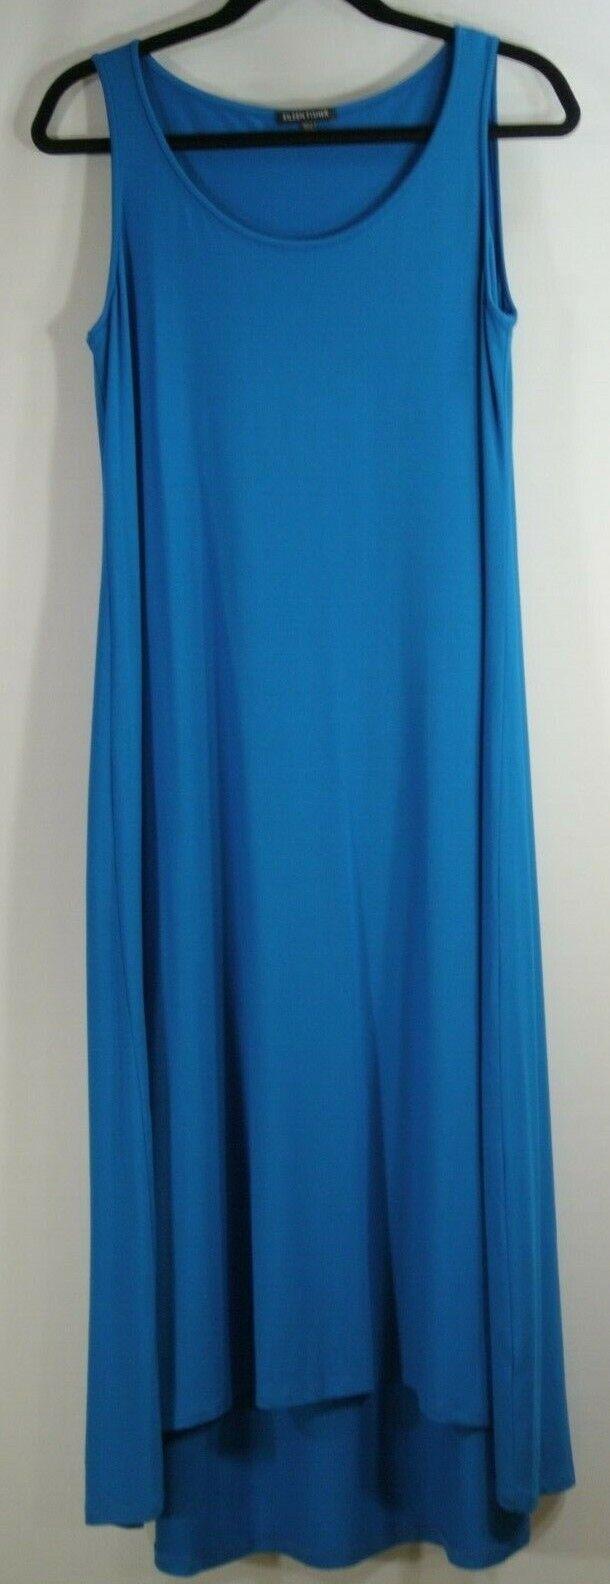 Nouveau Eileen Fisher High Low Jersey Shift Robe En Blau-Größe M  D2419